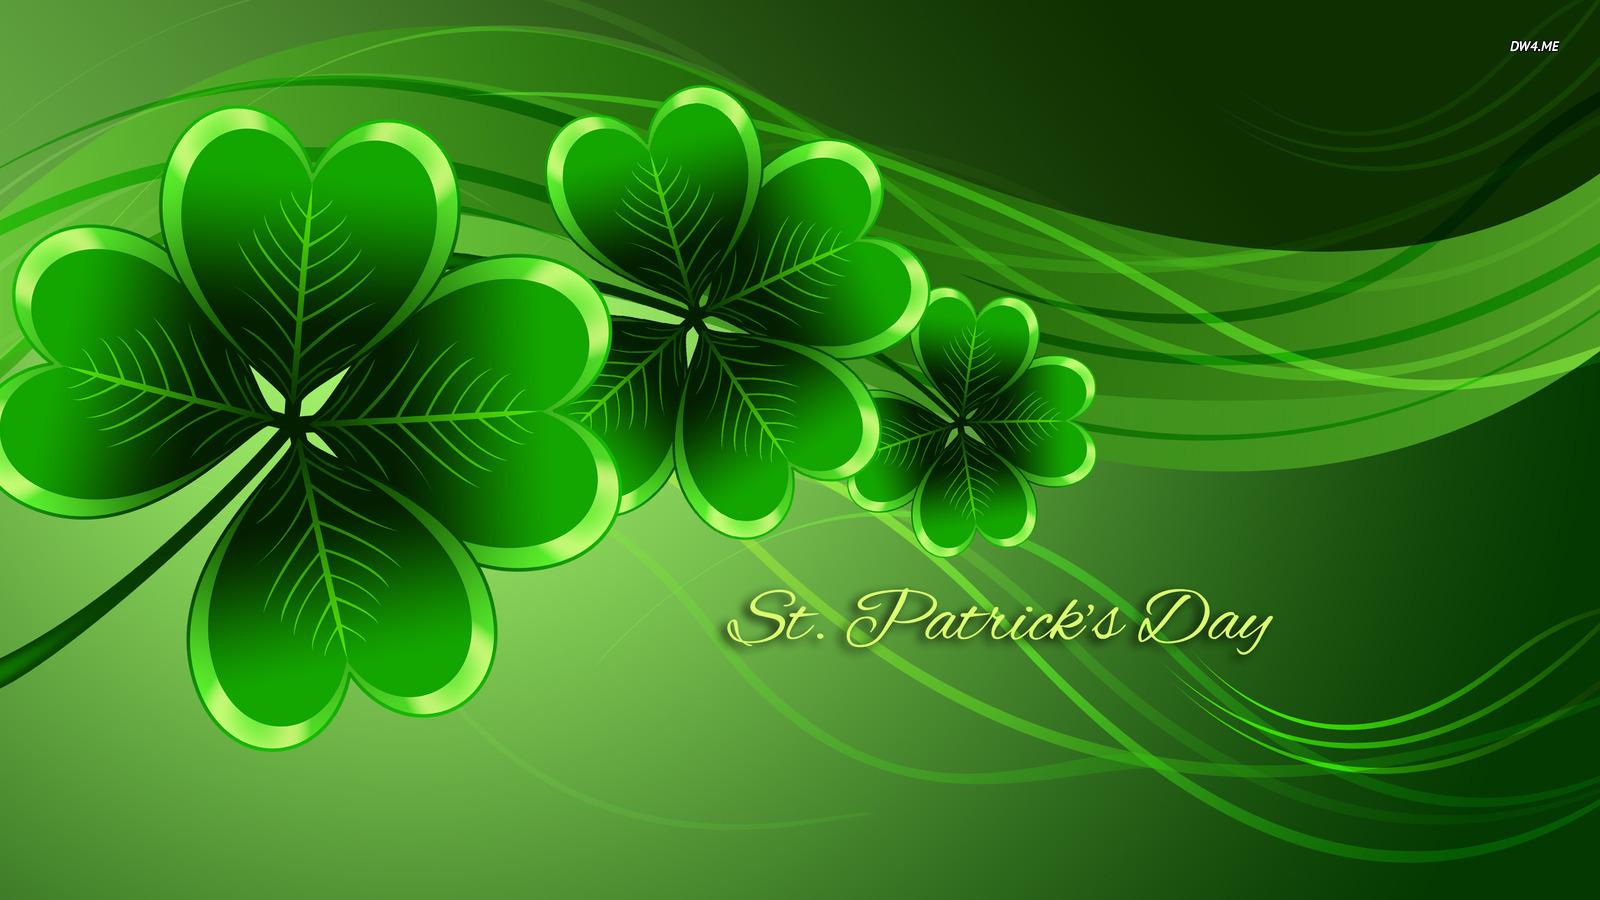 Saint Patricks Day wallpaper   Holiday wallpapers   2159 1600x900